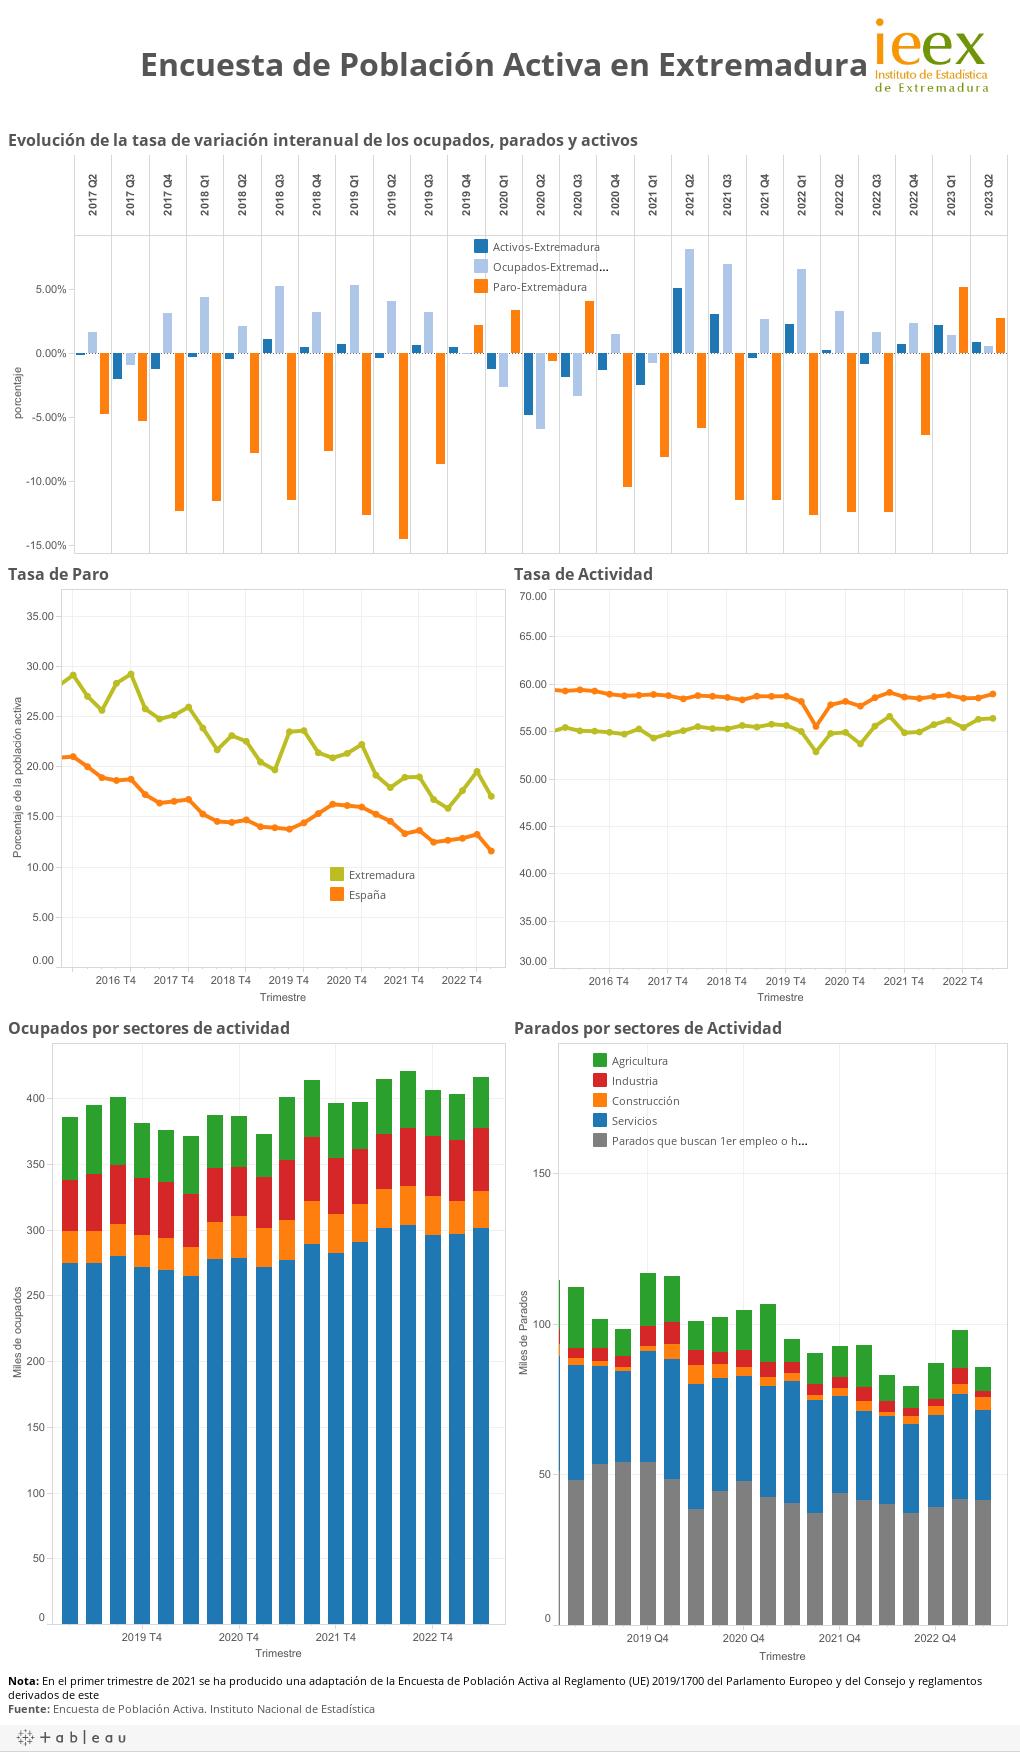 Encuesta de Población Activa